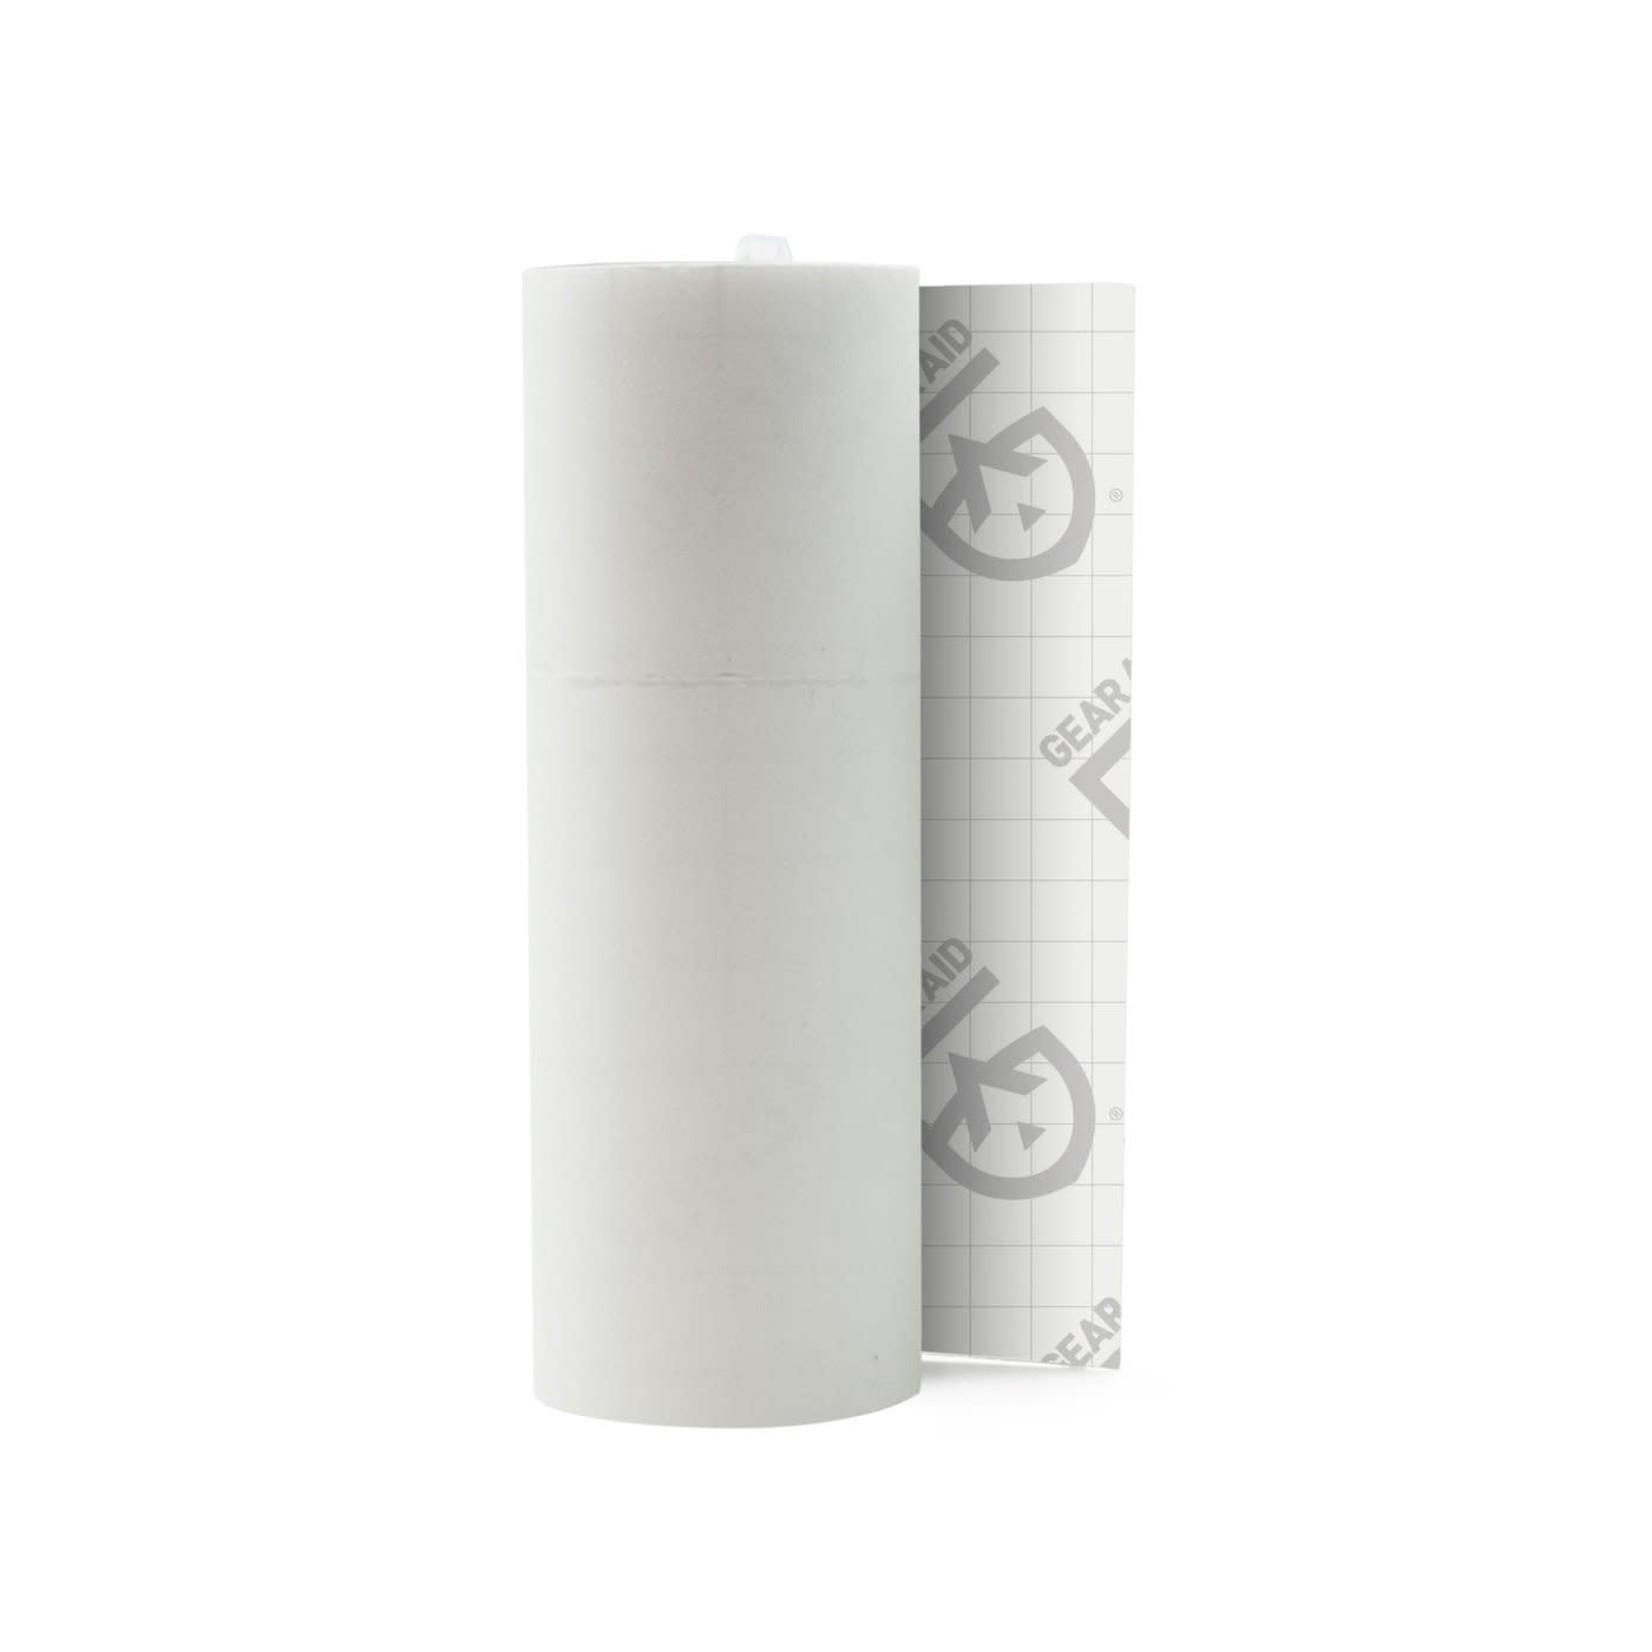 Rouleau Tenacious Repair Tape Roll